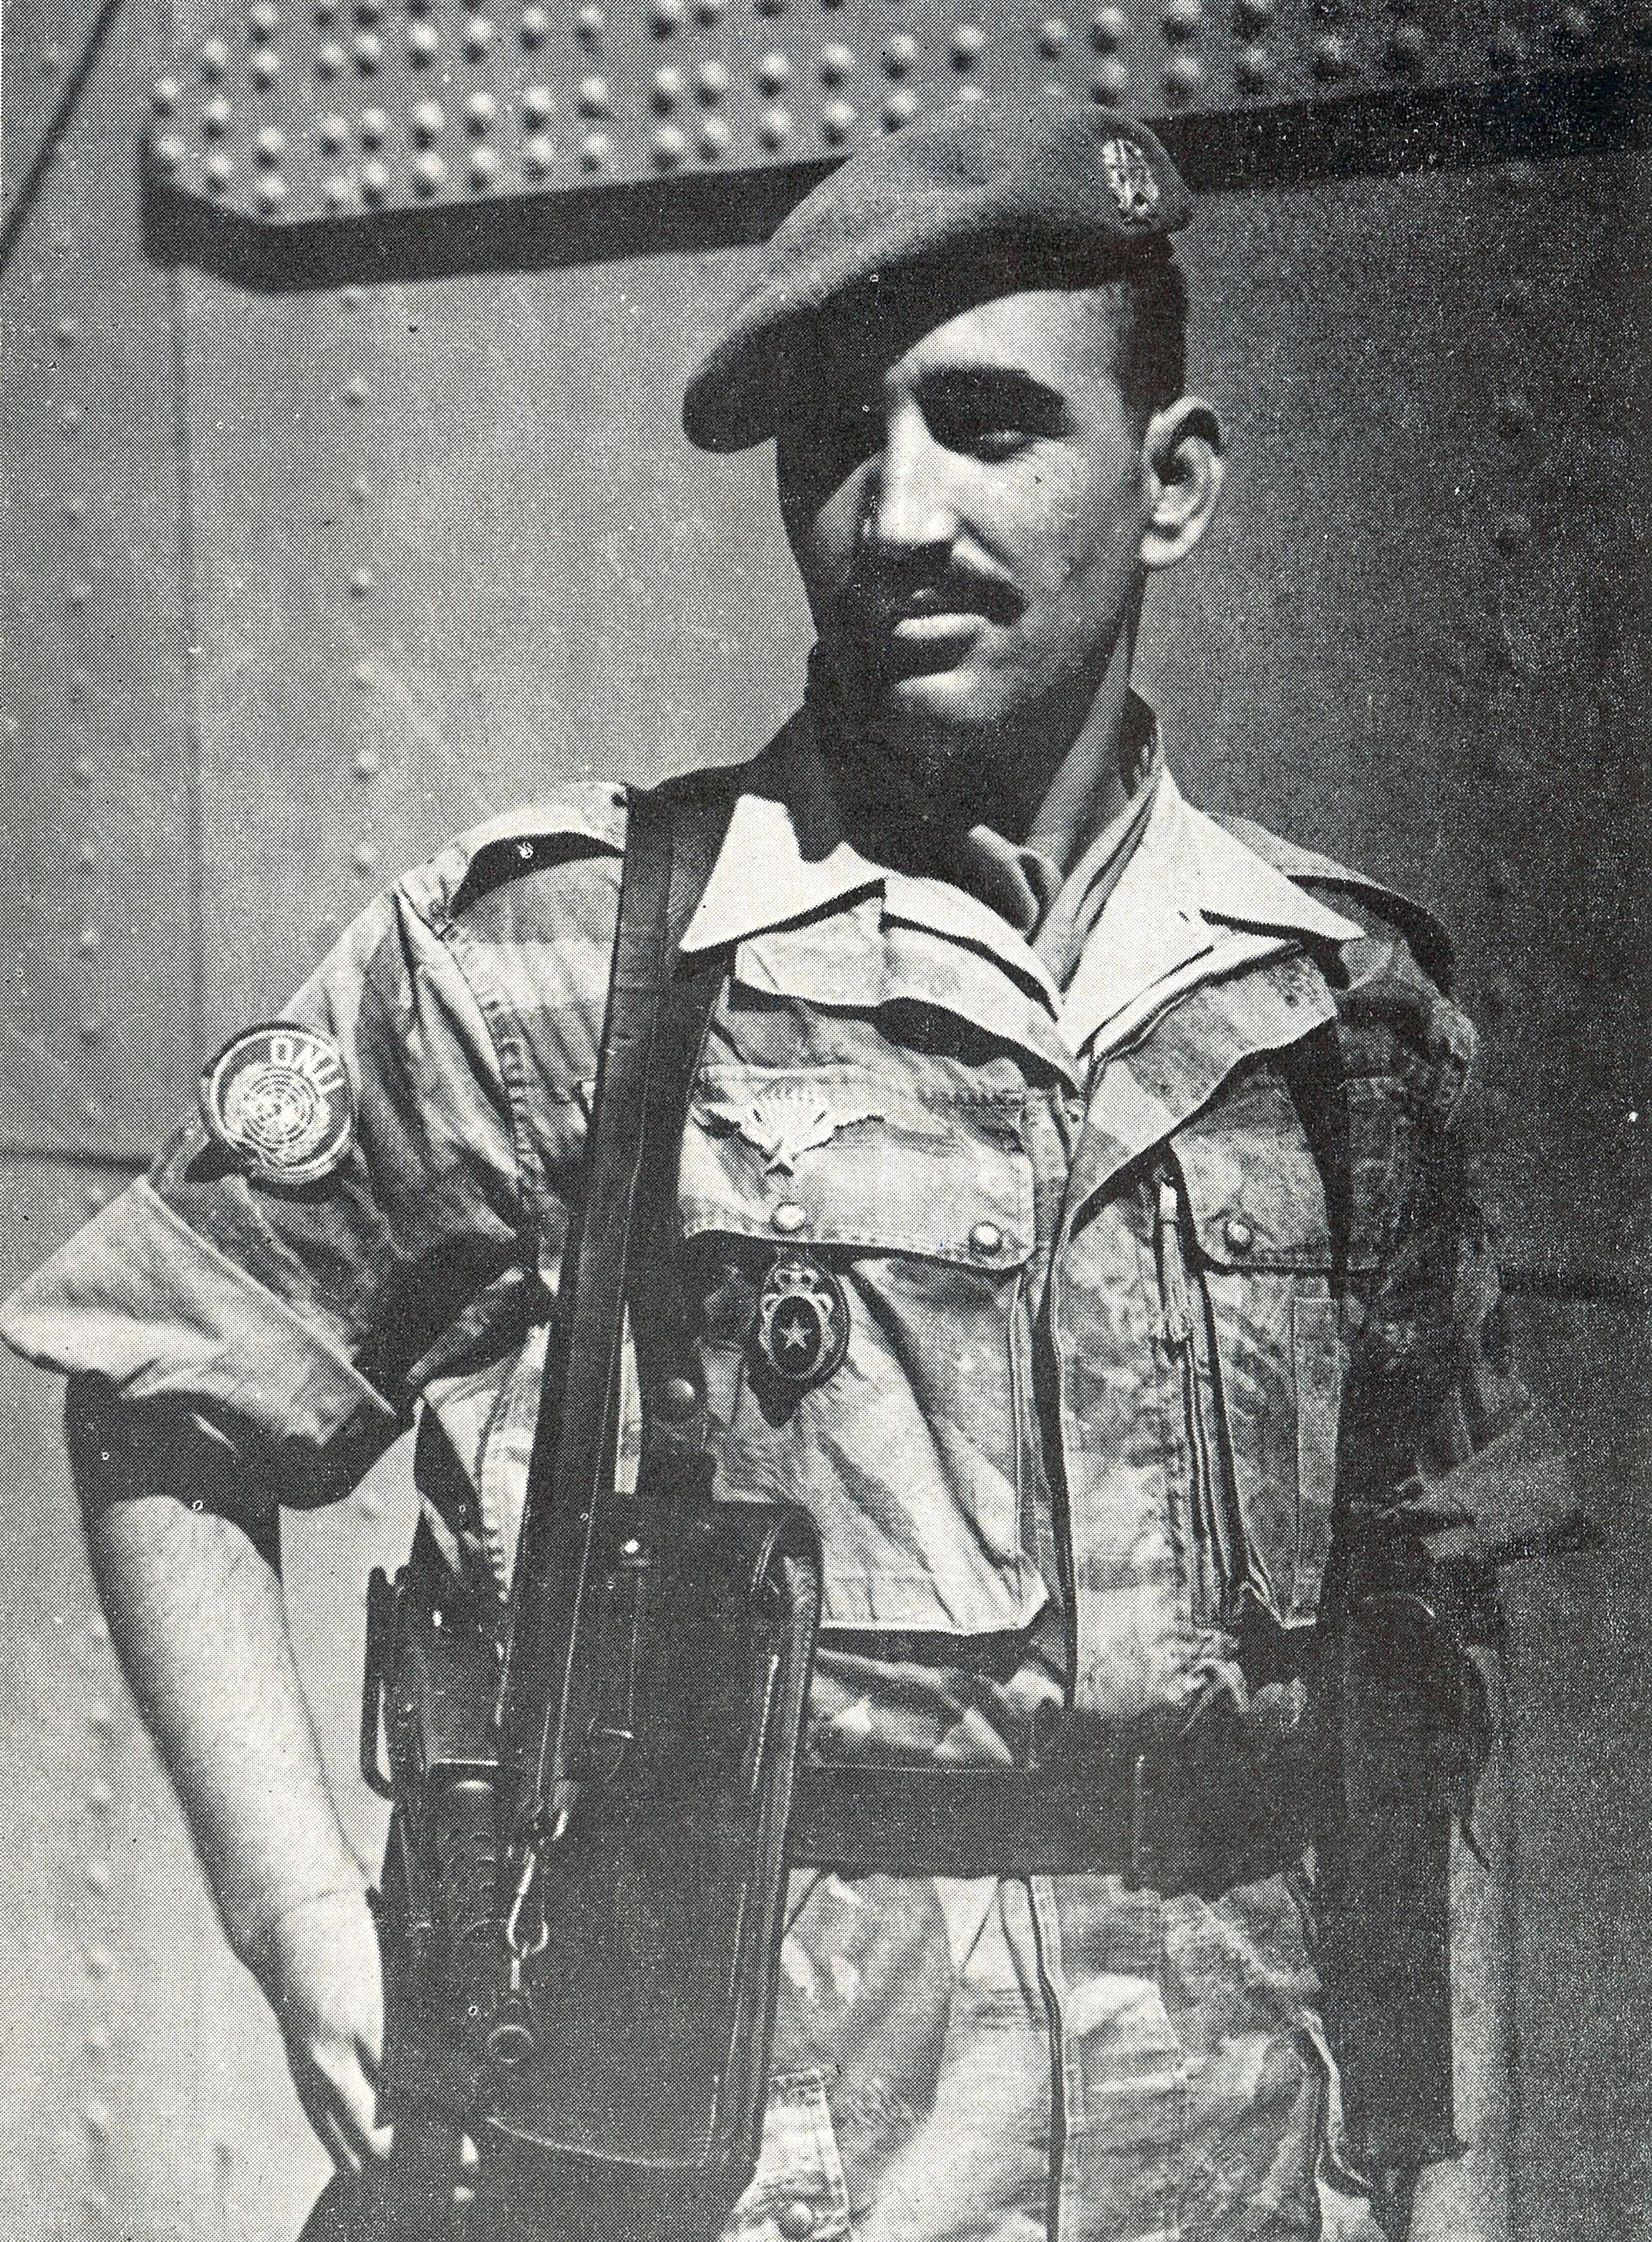 Les Forces Armées Royales au Congo - ONUC - 1960/61 31535621883_b0f513b0a1_o